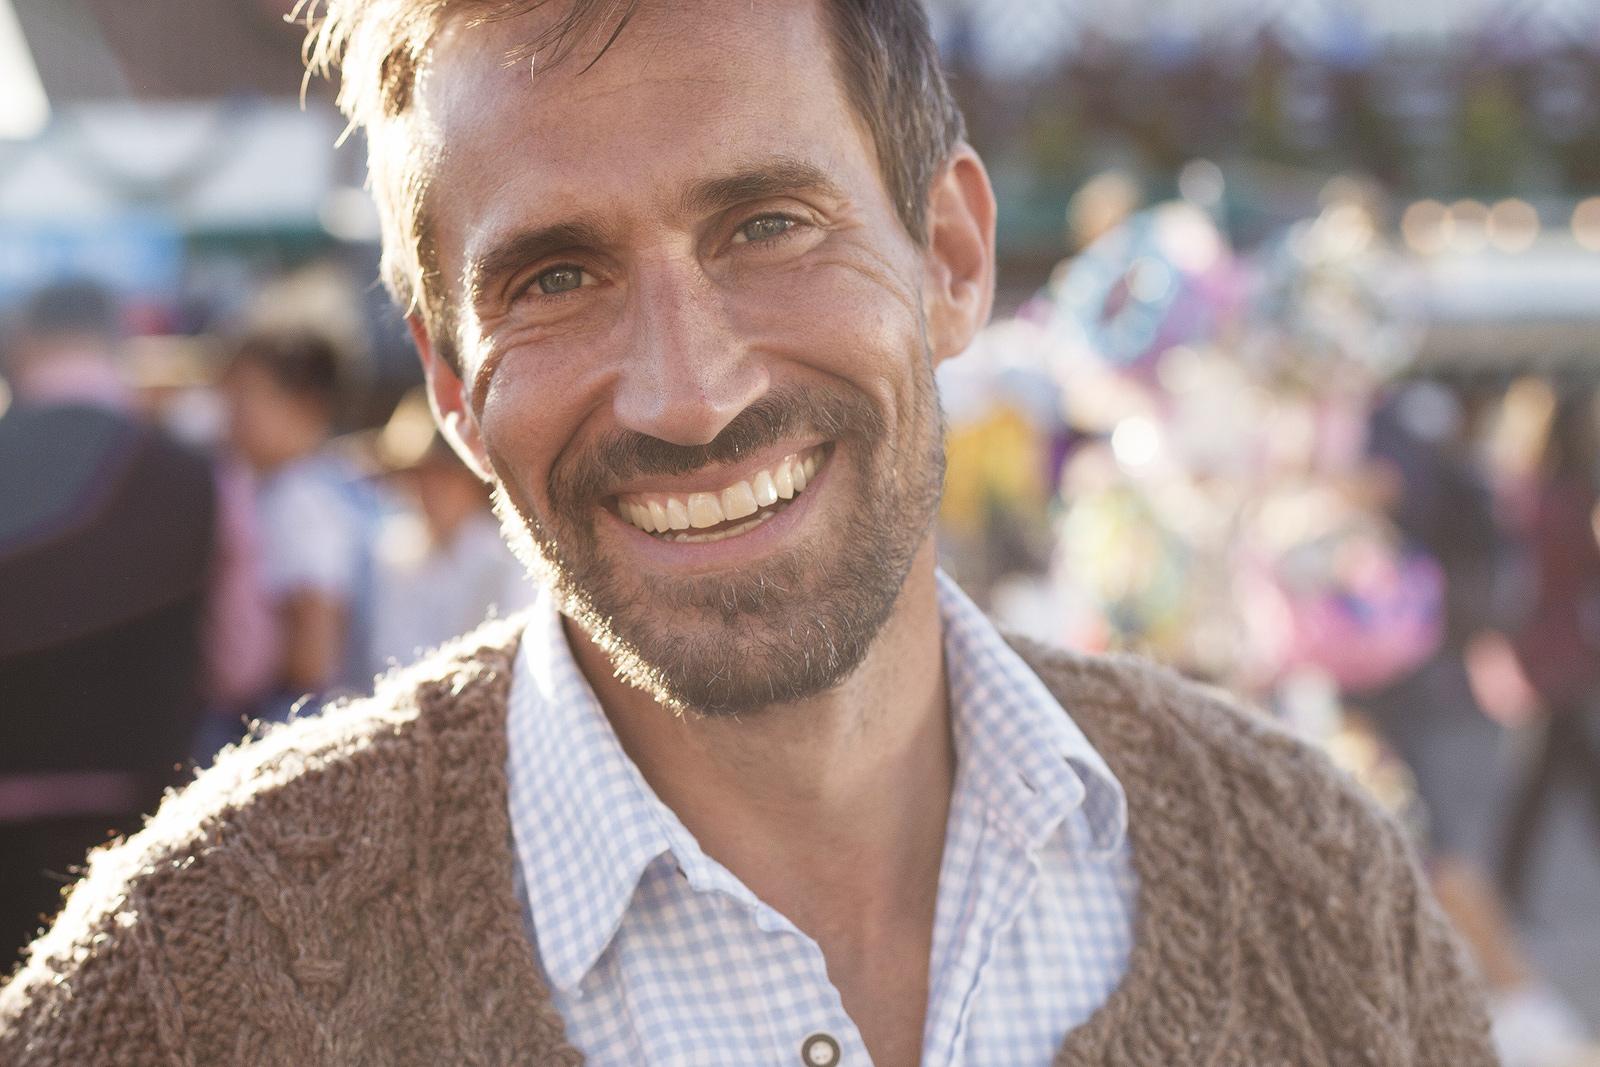 Portraitotografie eines Mannes am Oktoberfest